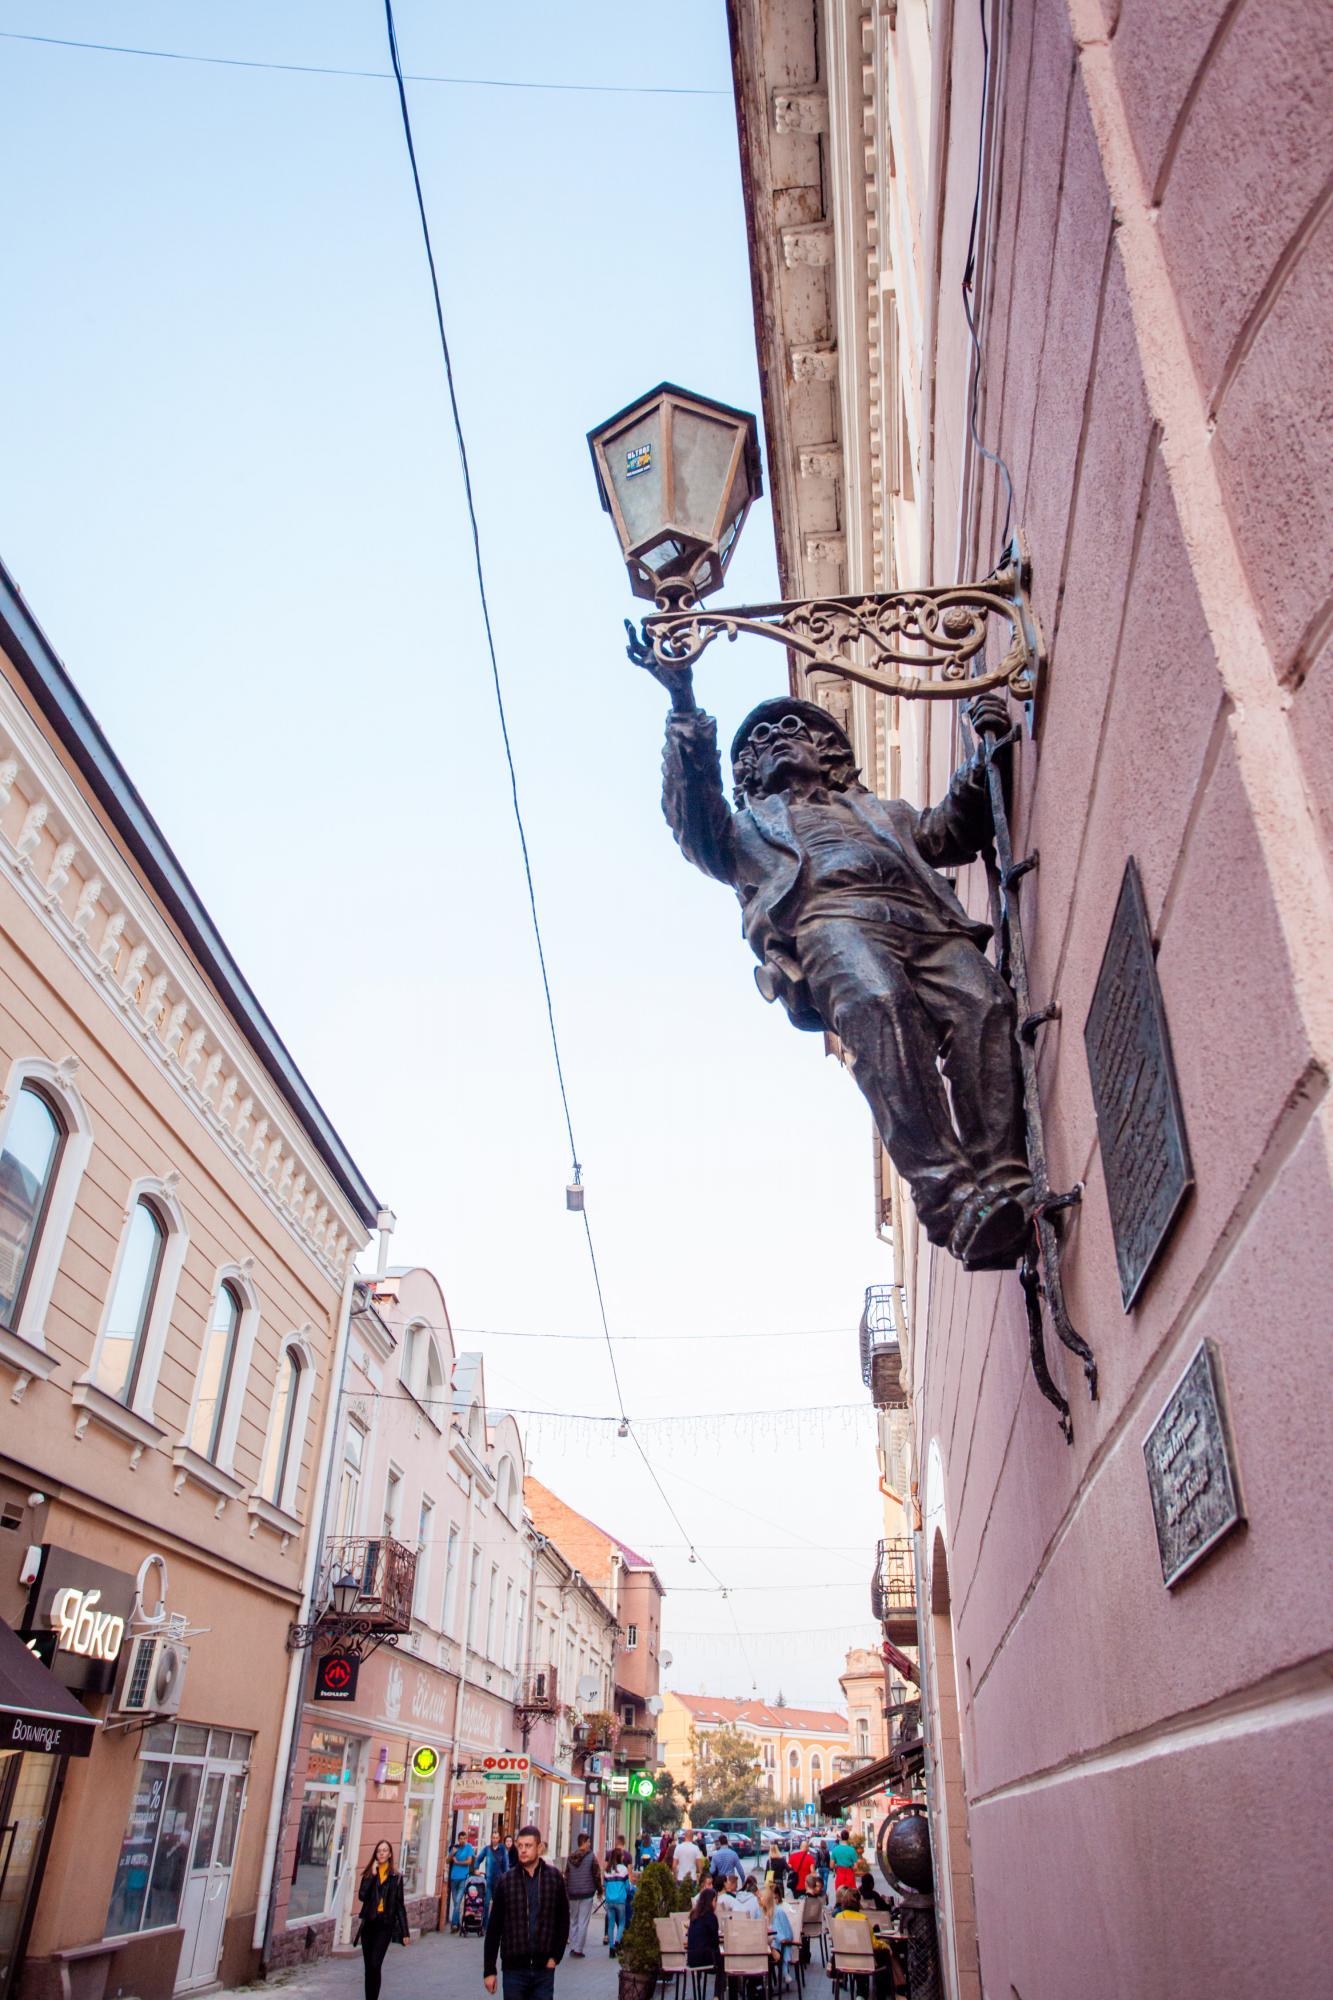 Ужгород в деталях. Путівник найцікавішими пам'ятками, готелями та ресторанами міста